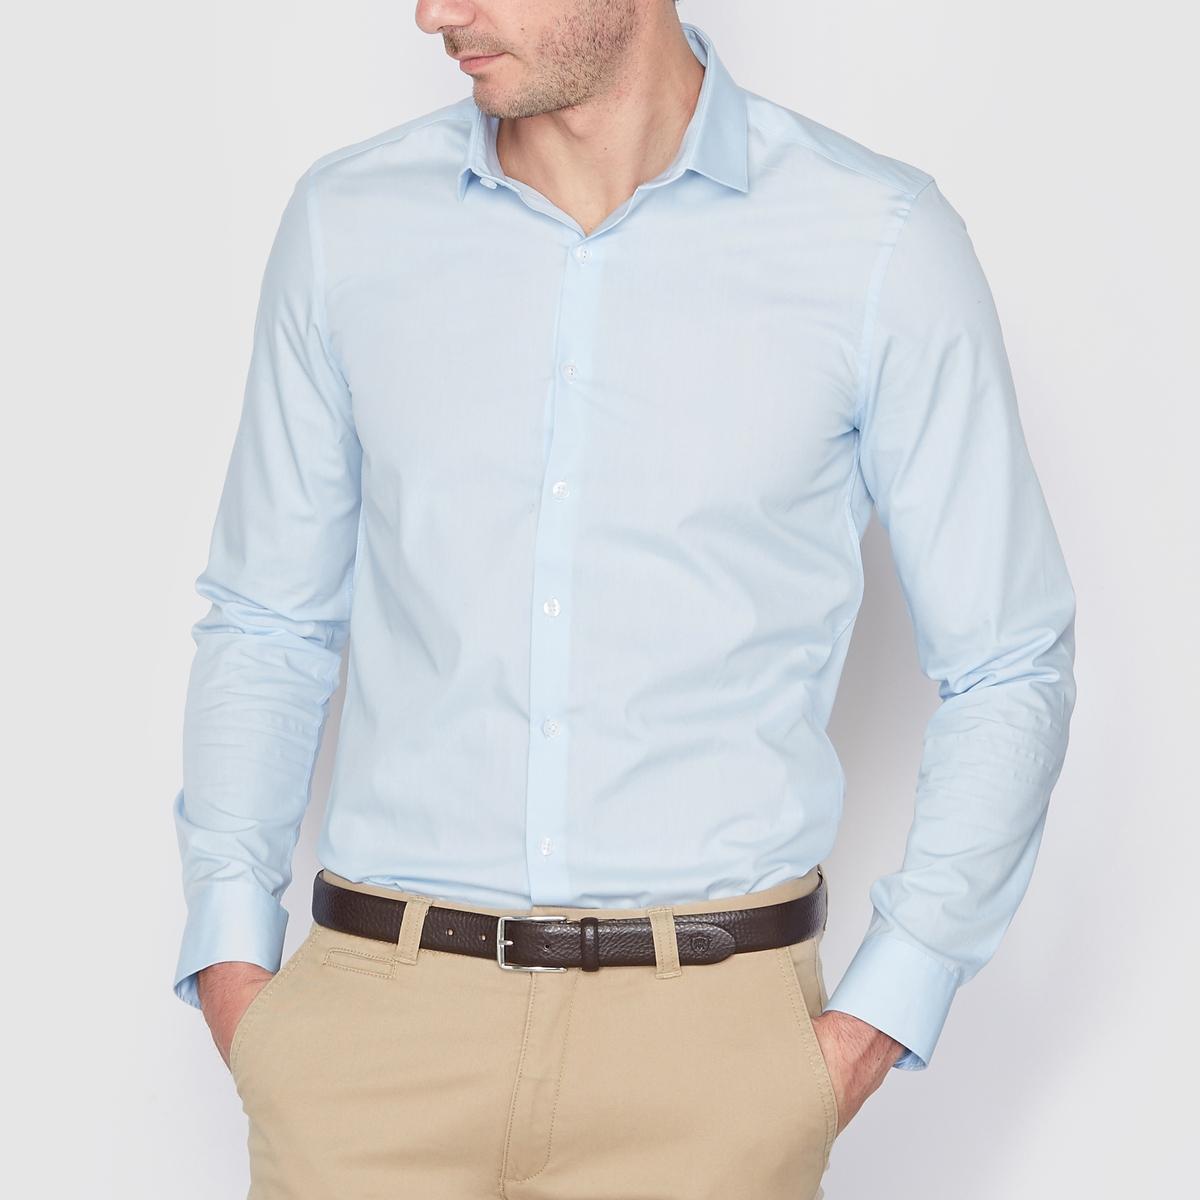 Рубашка узкого покроя 100% хлопкаРубашка из поплина, 100% хлопок. Узкий (облегающий) покрой. длинные рукава. Воротник со свободными уголками. Длина 77 см.<br><br>Цвет: небесно-голубой,серый,темно-синий<br>Размер: 47/48.47/48.45/46.47/48